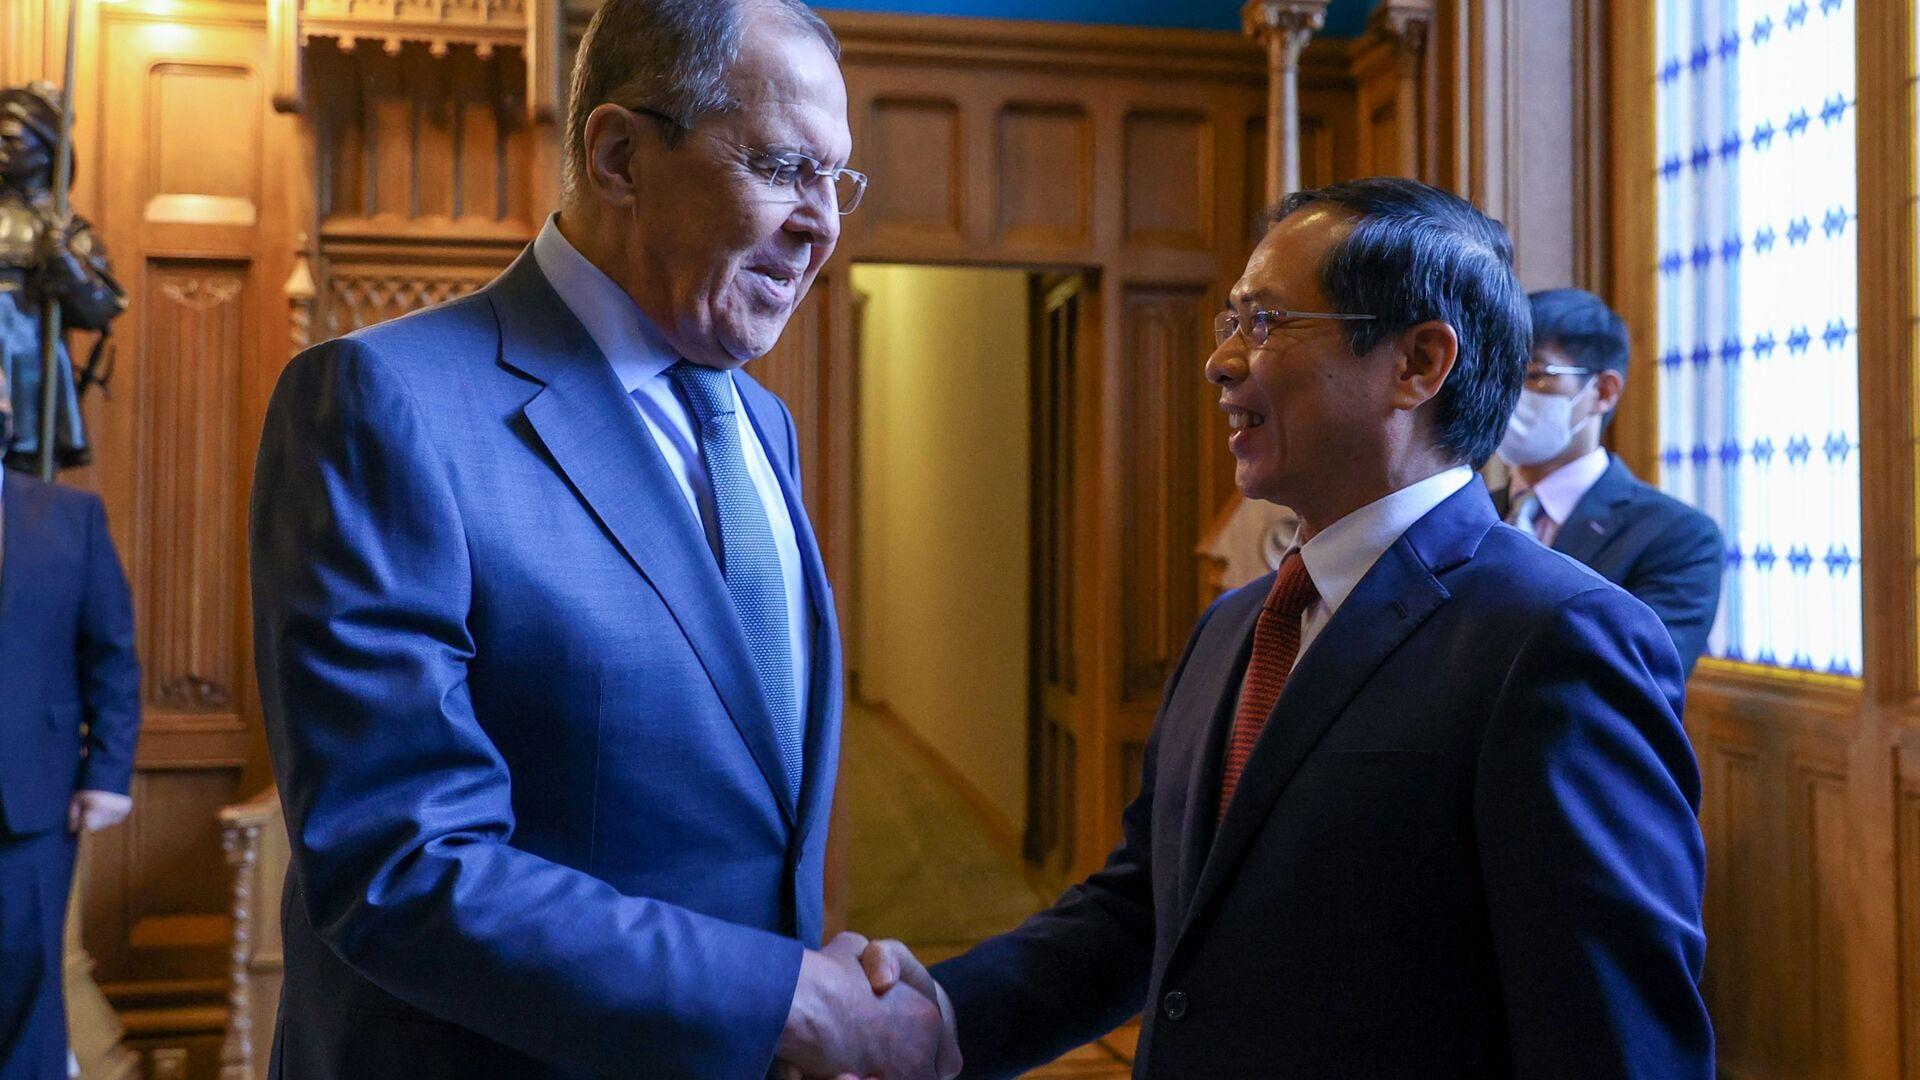 Bộ trưởng Ngoại giao Bùi Thanh Sơn hội đàm với Bộ trưởng Ngoại giao Nga Sergei Lavrov - Sputnik Việt Nam, 1920, 29.09.2021